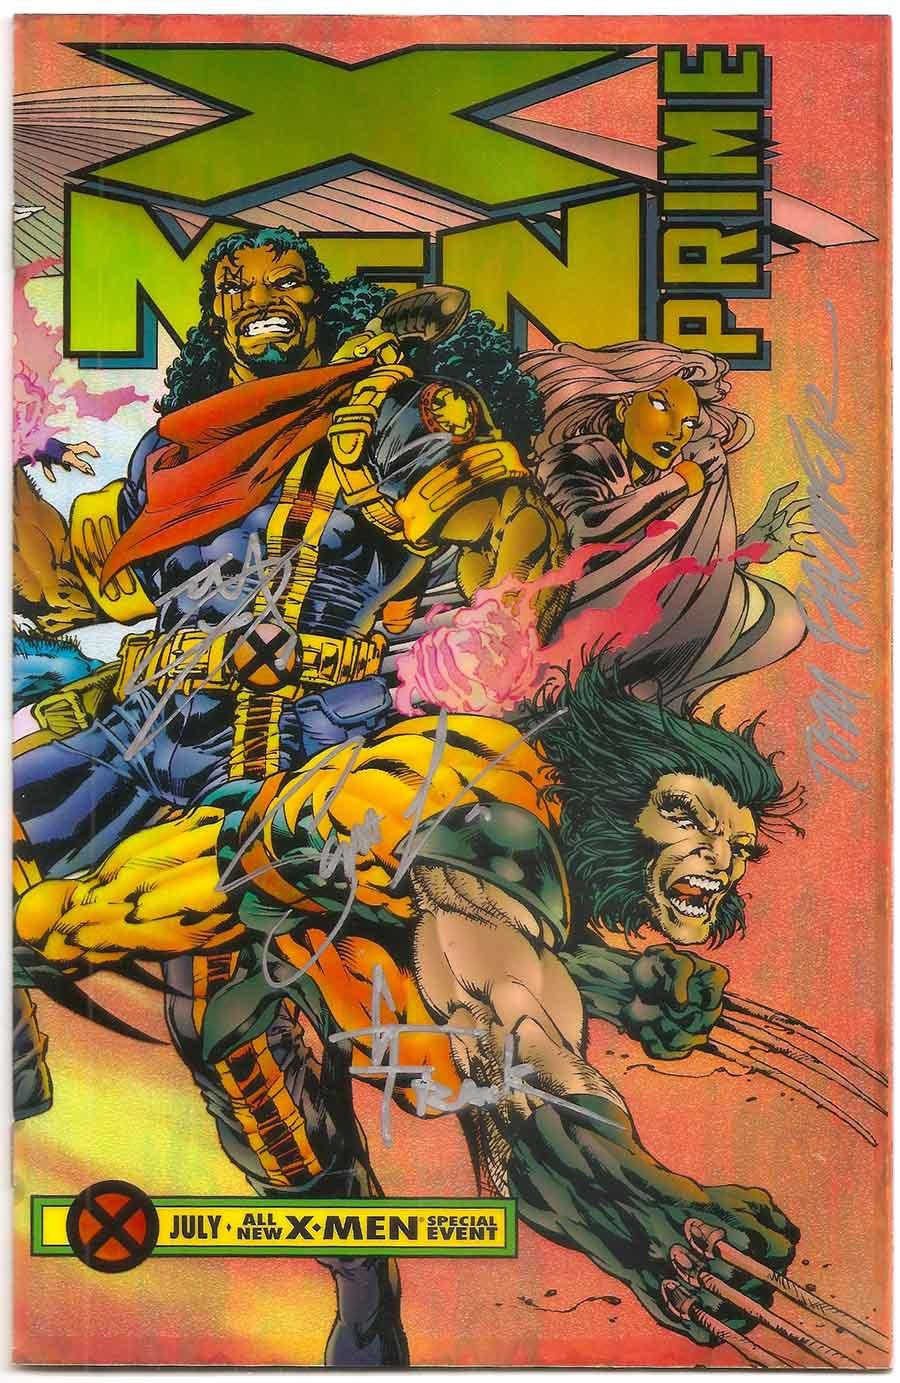 X-Men Prime (1995) One Shot - Used